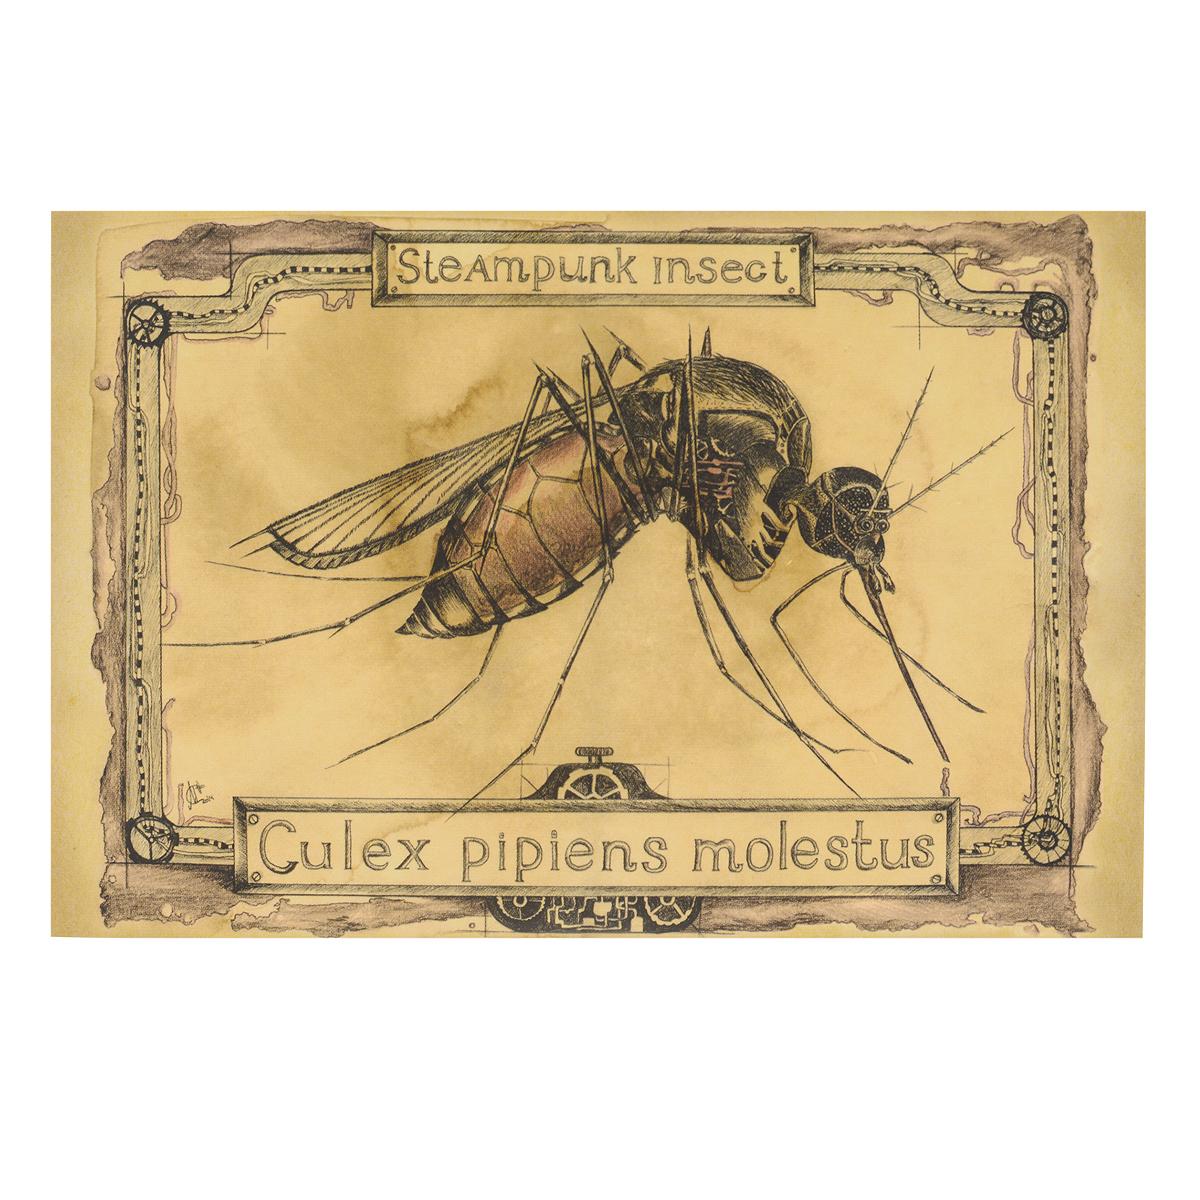 Открытка Steampunk Insect. Комар. Автор Мария СкородумоваSM10-005Оригинальная дизайнерская открытка Комар из серии Steampunk Insect выполнена из плотного матового картона. На лицевой стороне расположена репродукция картины художницы Марии Скородумовой.Такая открытка станет великолепным дополнением к подарку или оригинальным почтовым посланием, которое, несомненно, удивит получателя своим дизайном и подарит приятные воспоминания.